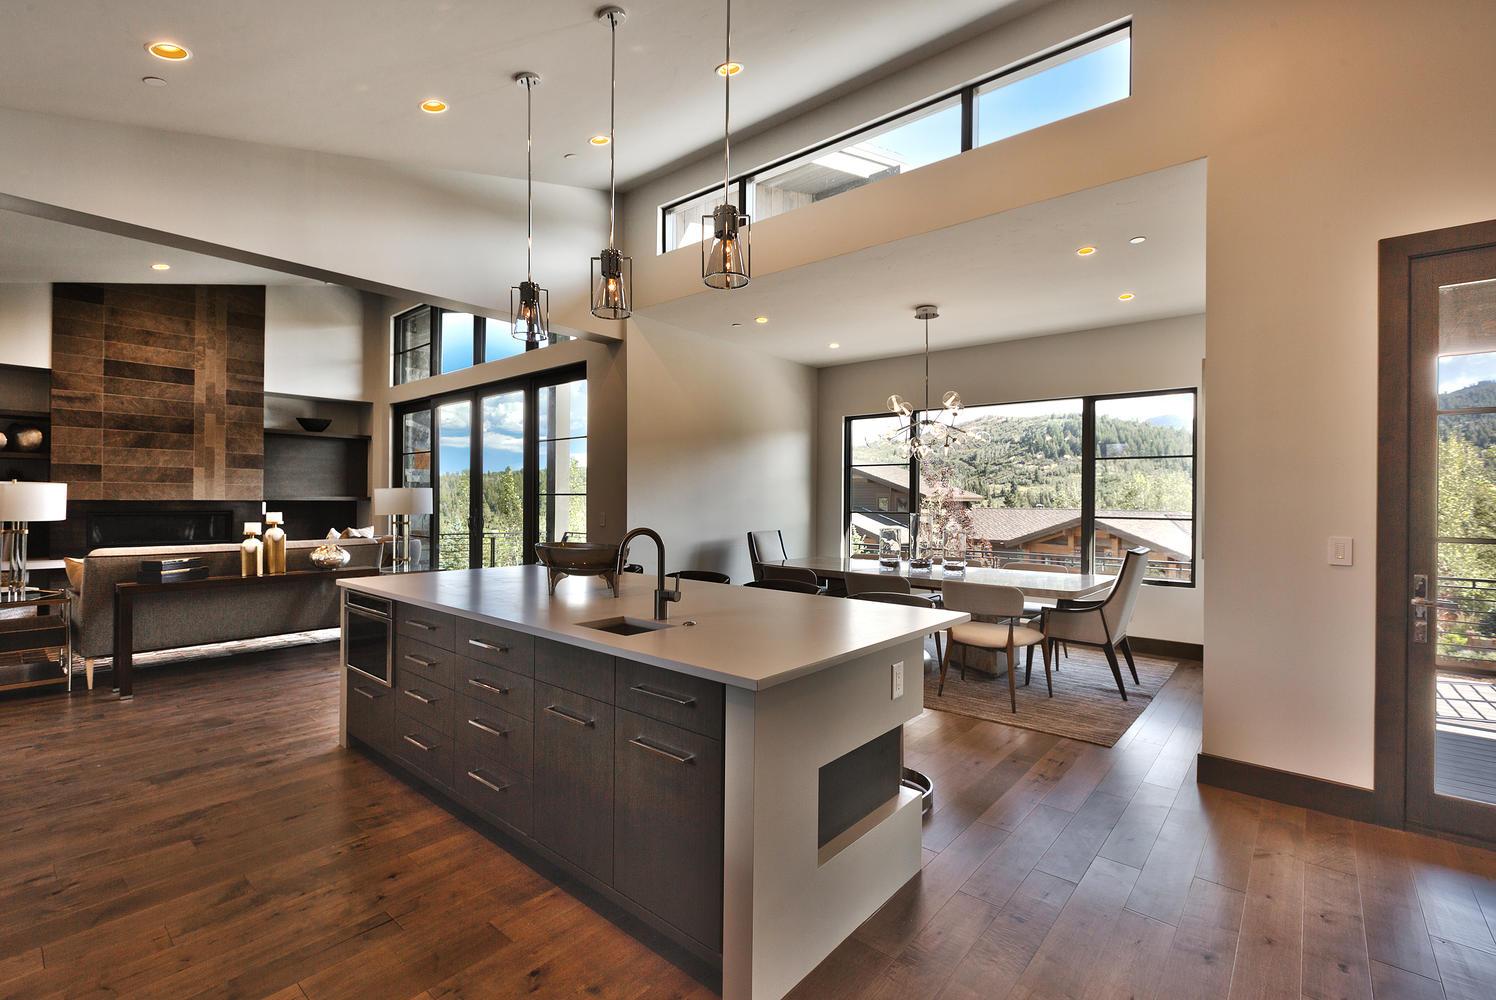 Hallmark Floors - Monterey - Casita - Hickory - Park City Utah - Kitchen